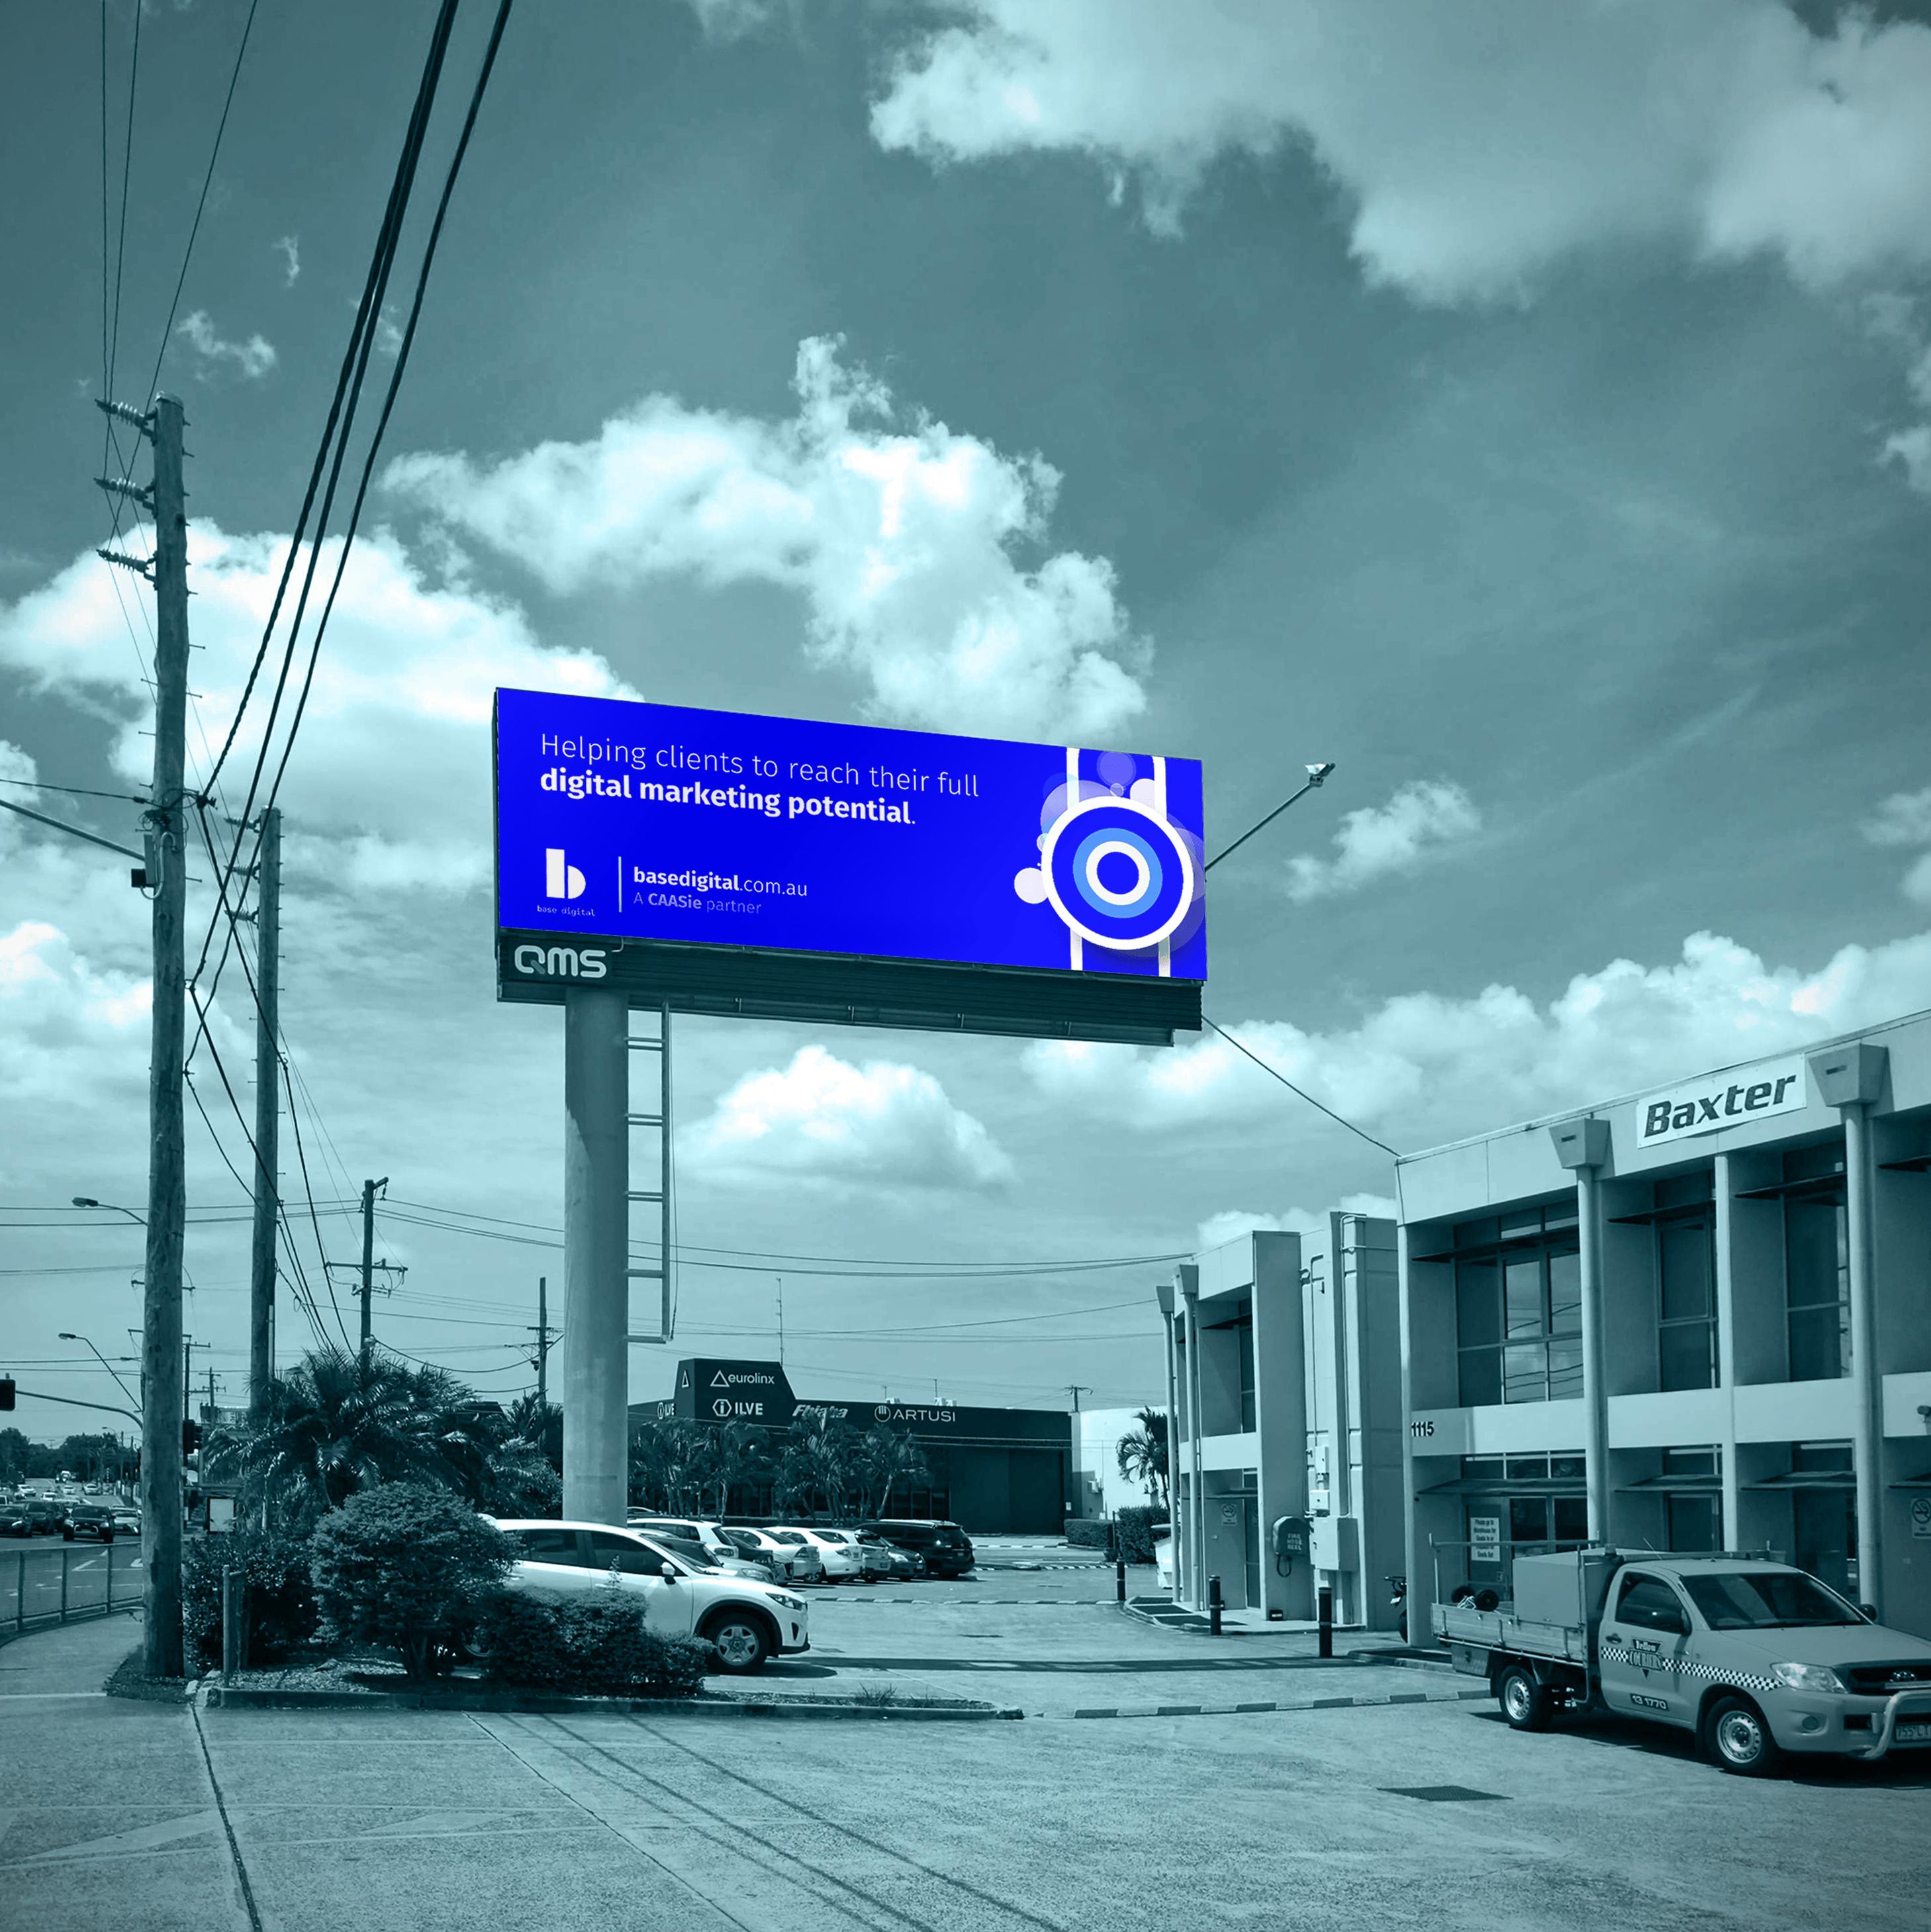 A billboard in Brisbane